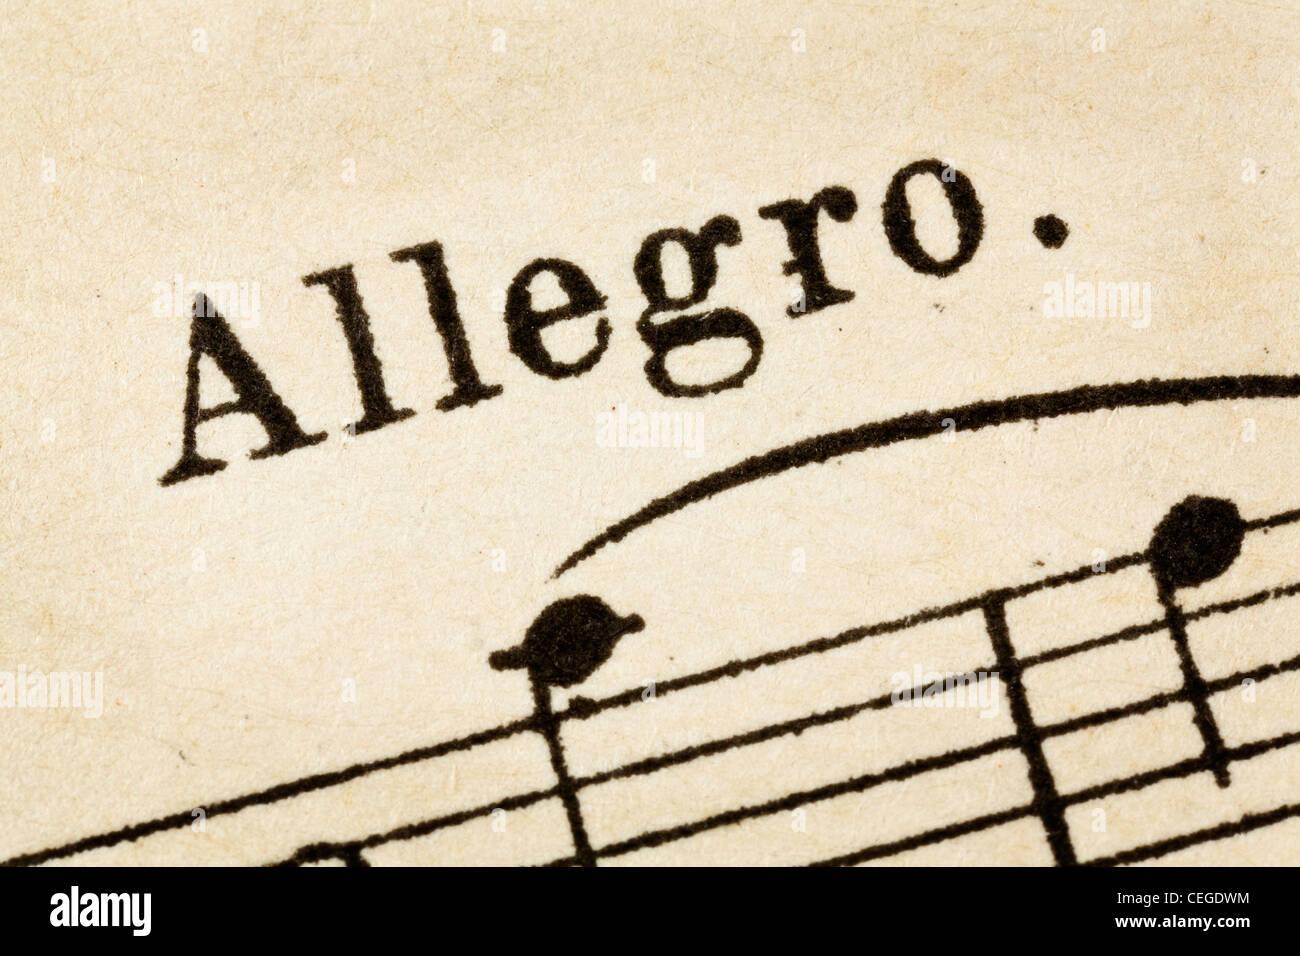 Allegro - fast, rapidamente e luminosa tempo musicale - macro dettaglio dal vintage sheet music Immagini Stock